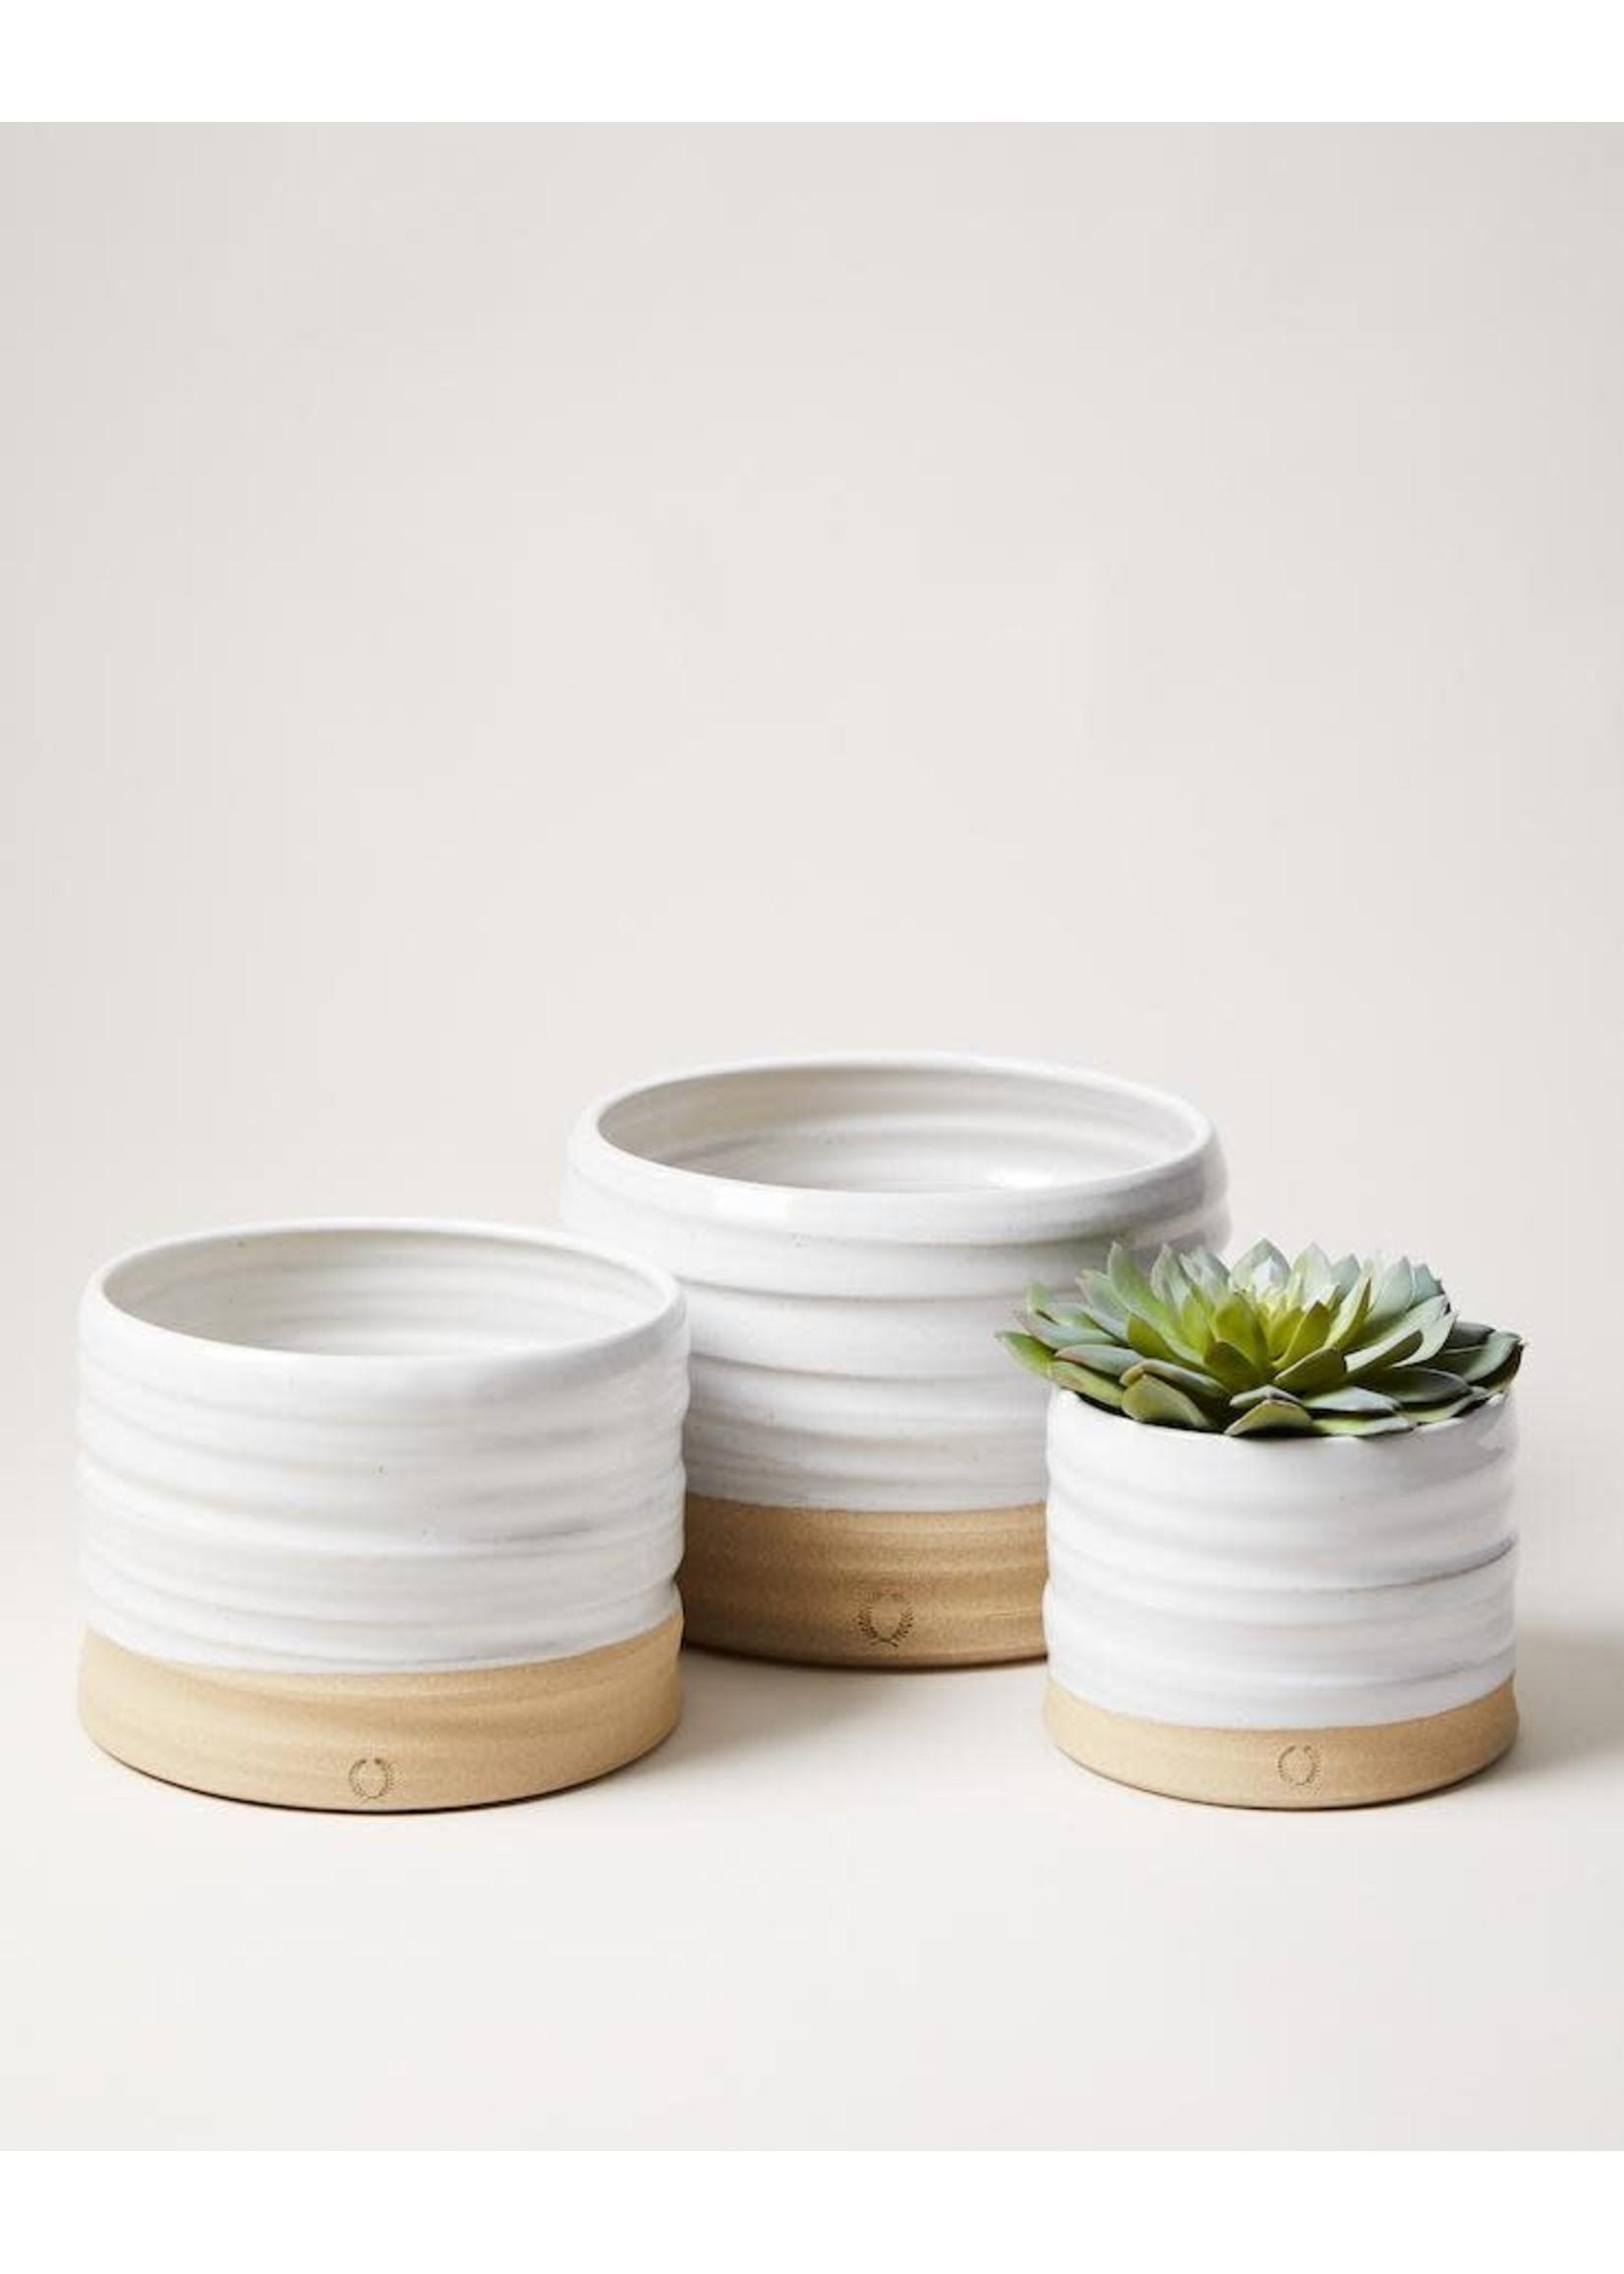 Farmhouse Pottery Trunk Garden Pot - Medium